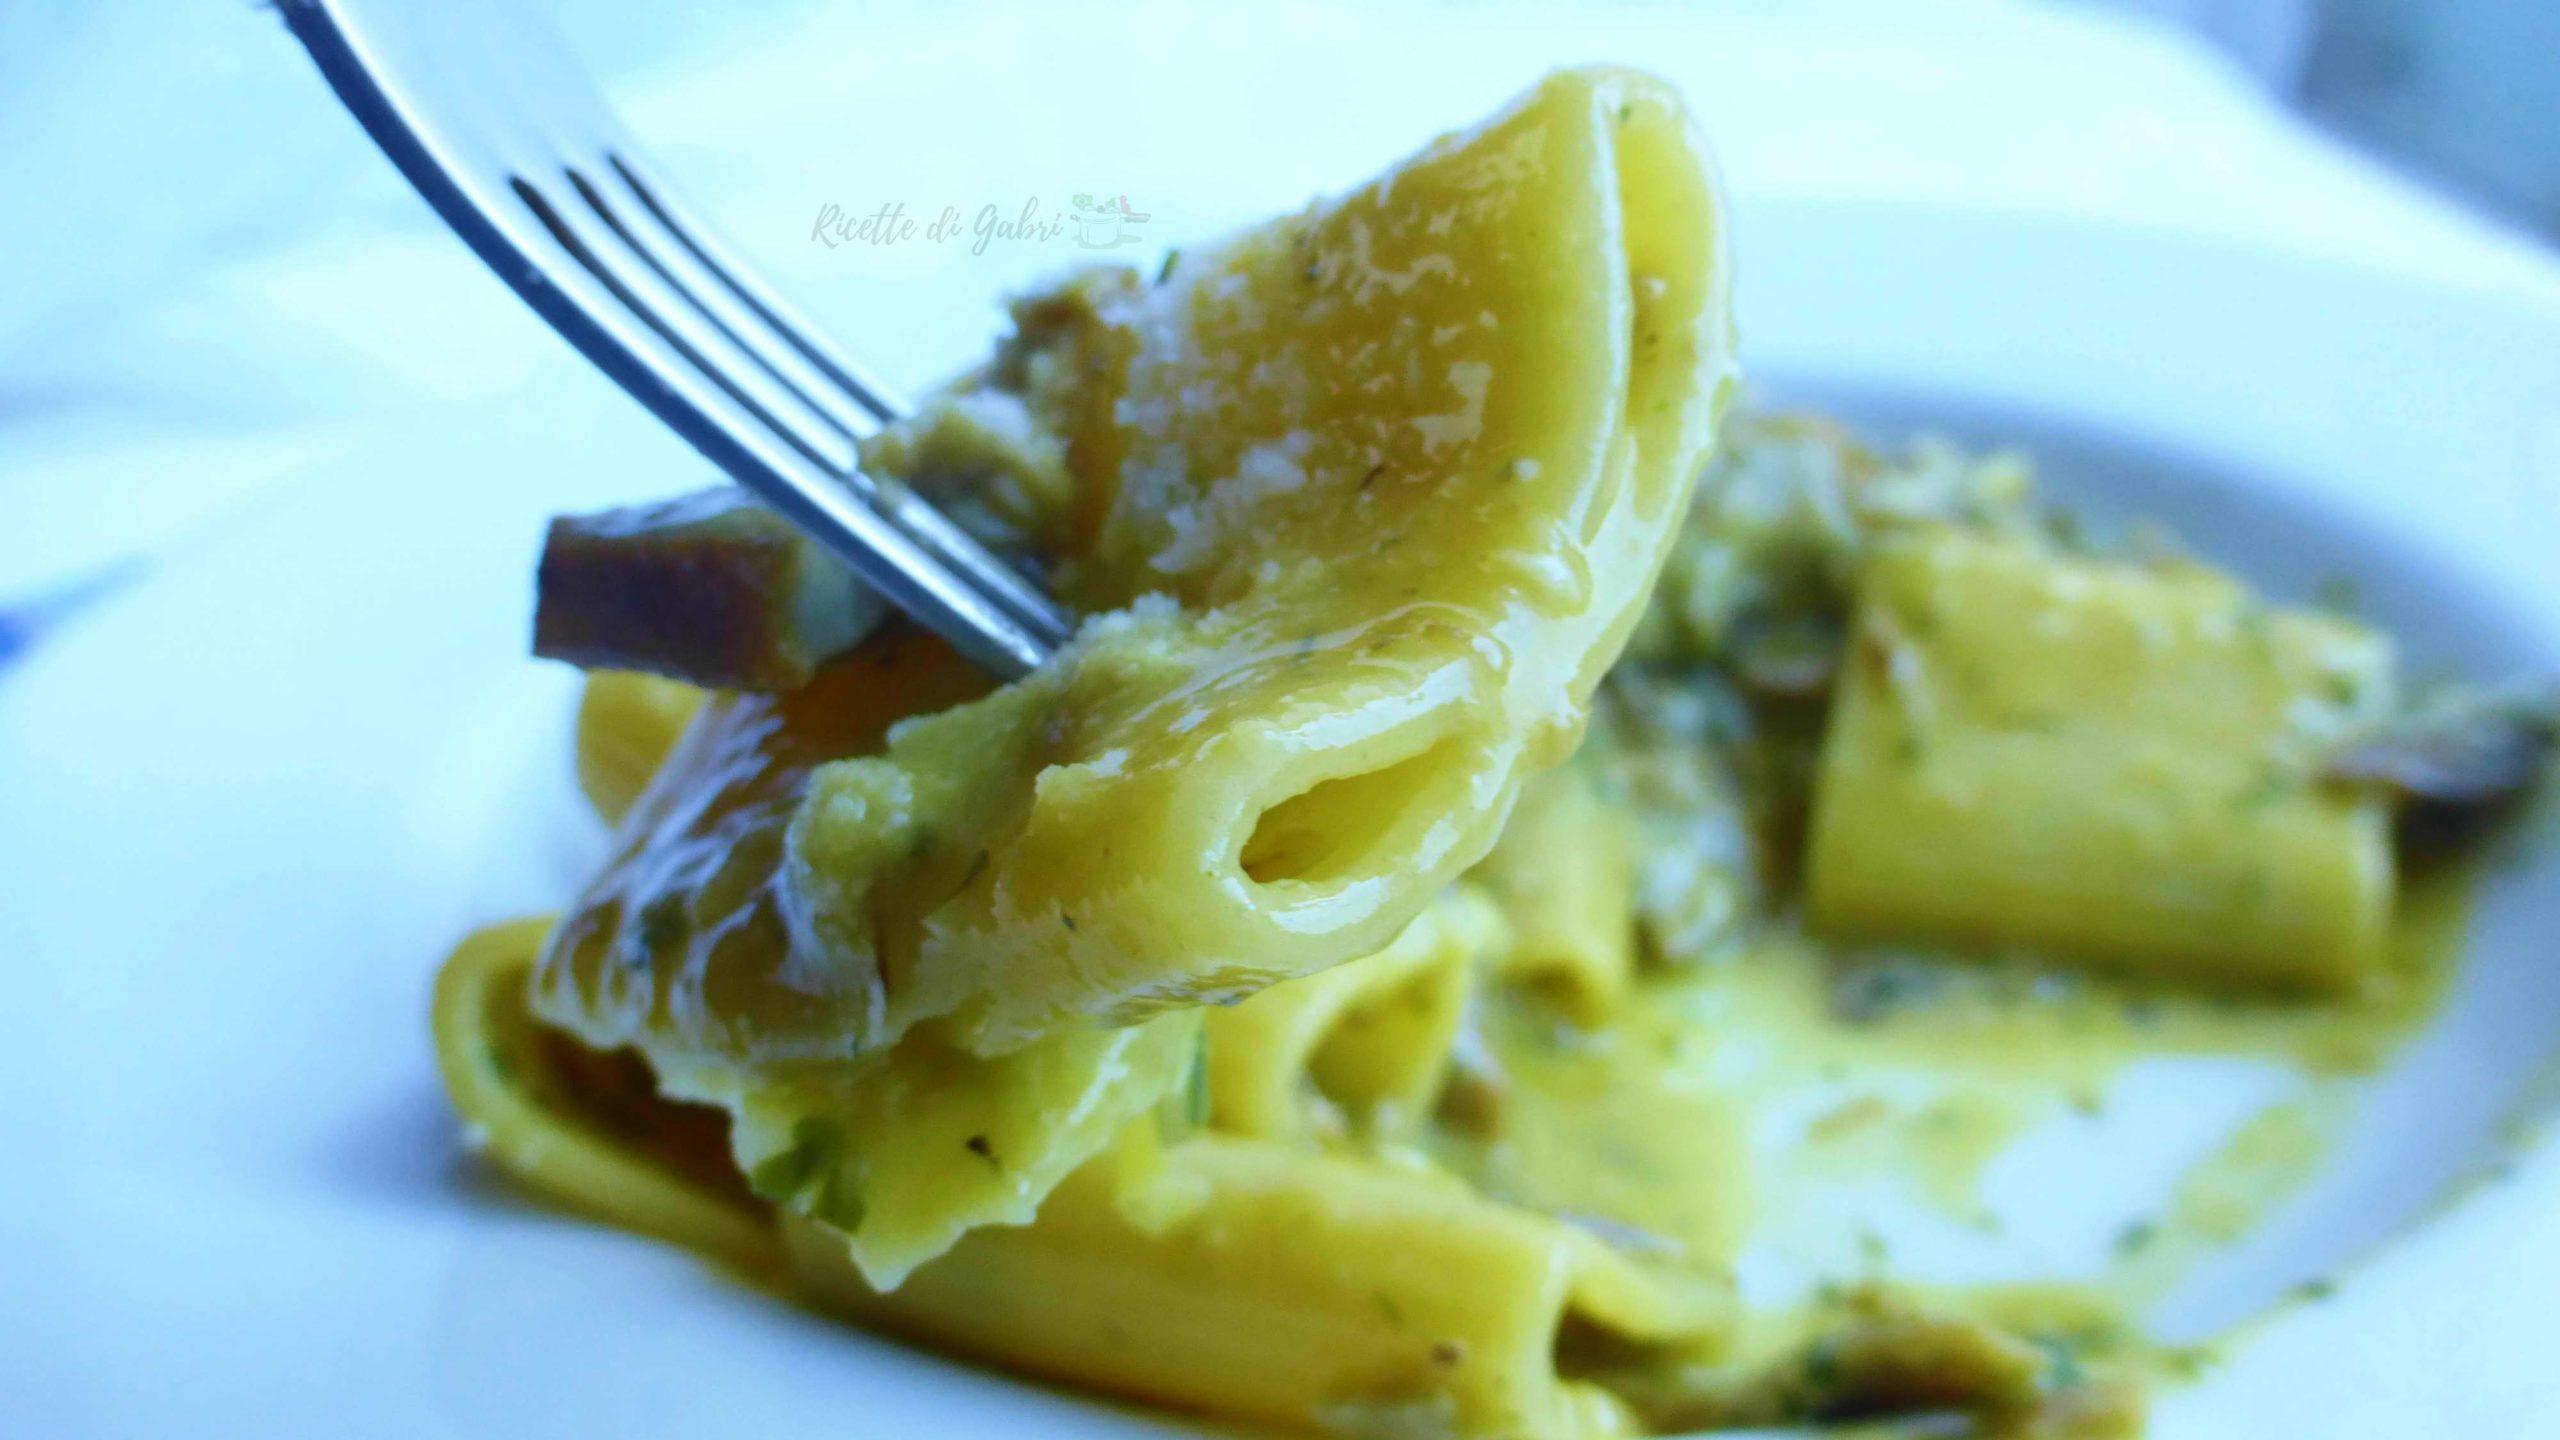 carbonara con i carciofi fatta in casa da gabri ricetta primo piatto facile veloce vegetariano